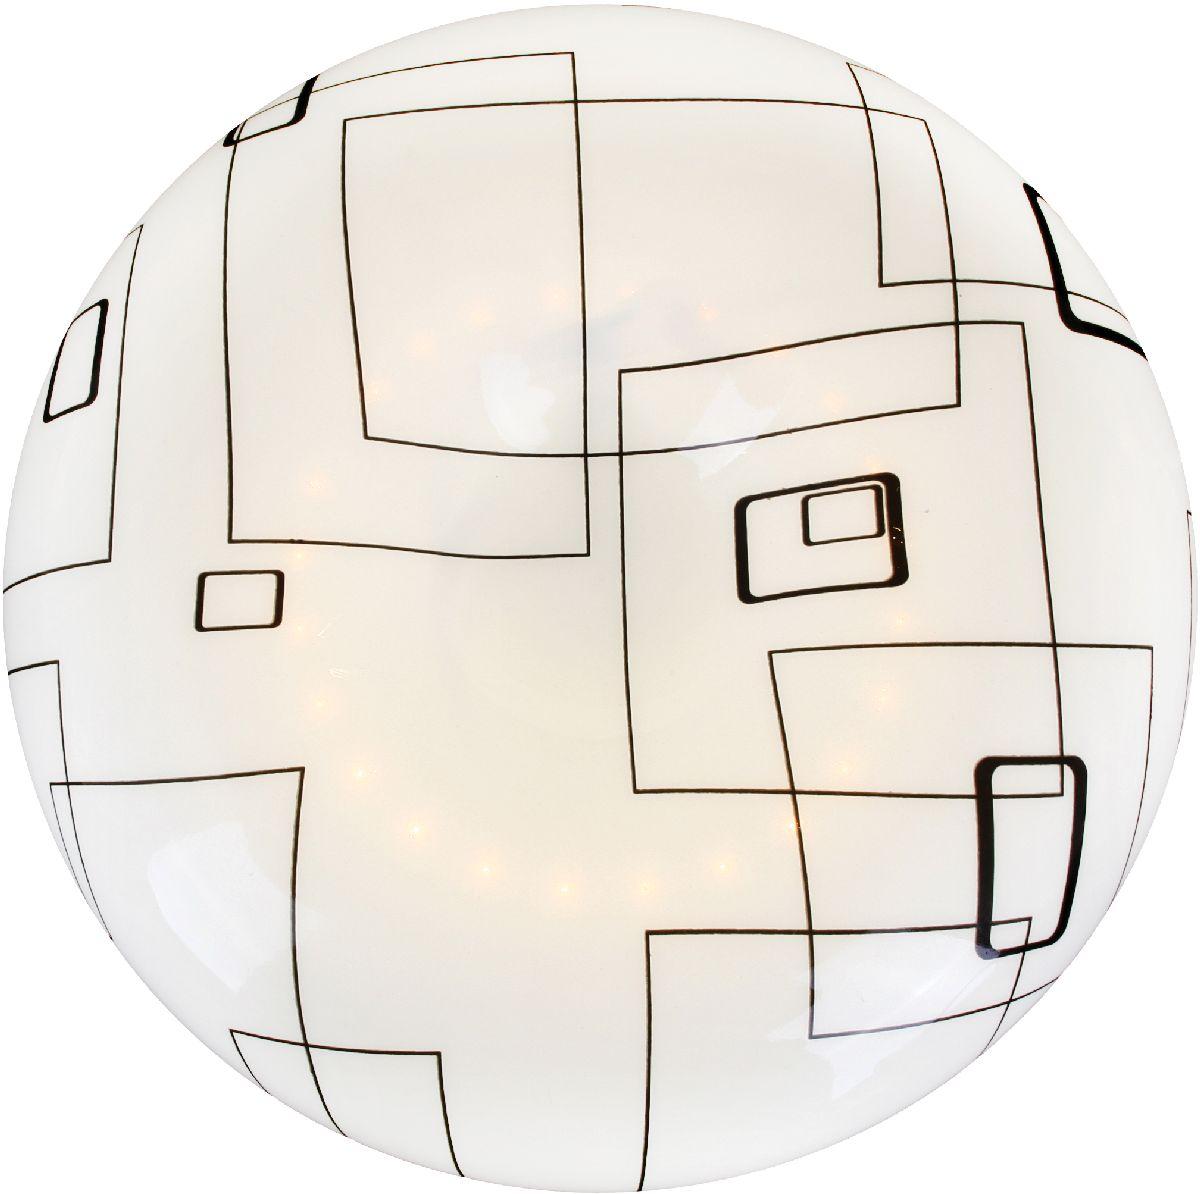 Светильник настенно-потолочный Camelion LBS-0602, LED, 18W, 4500K. 1268712687